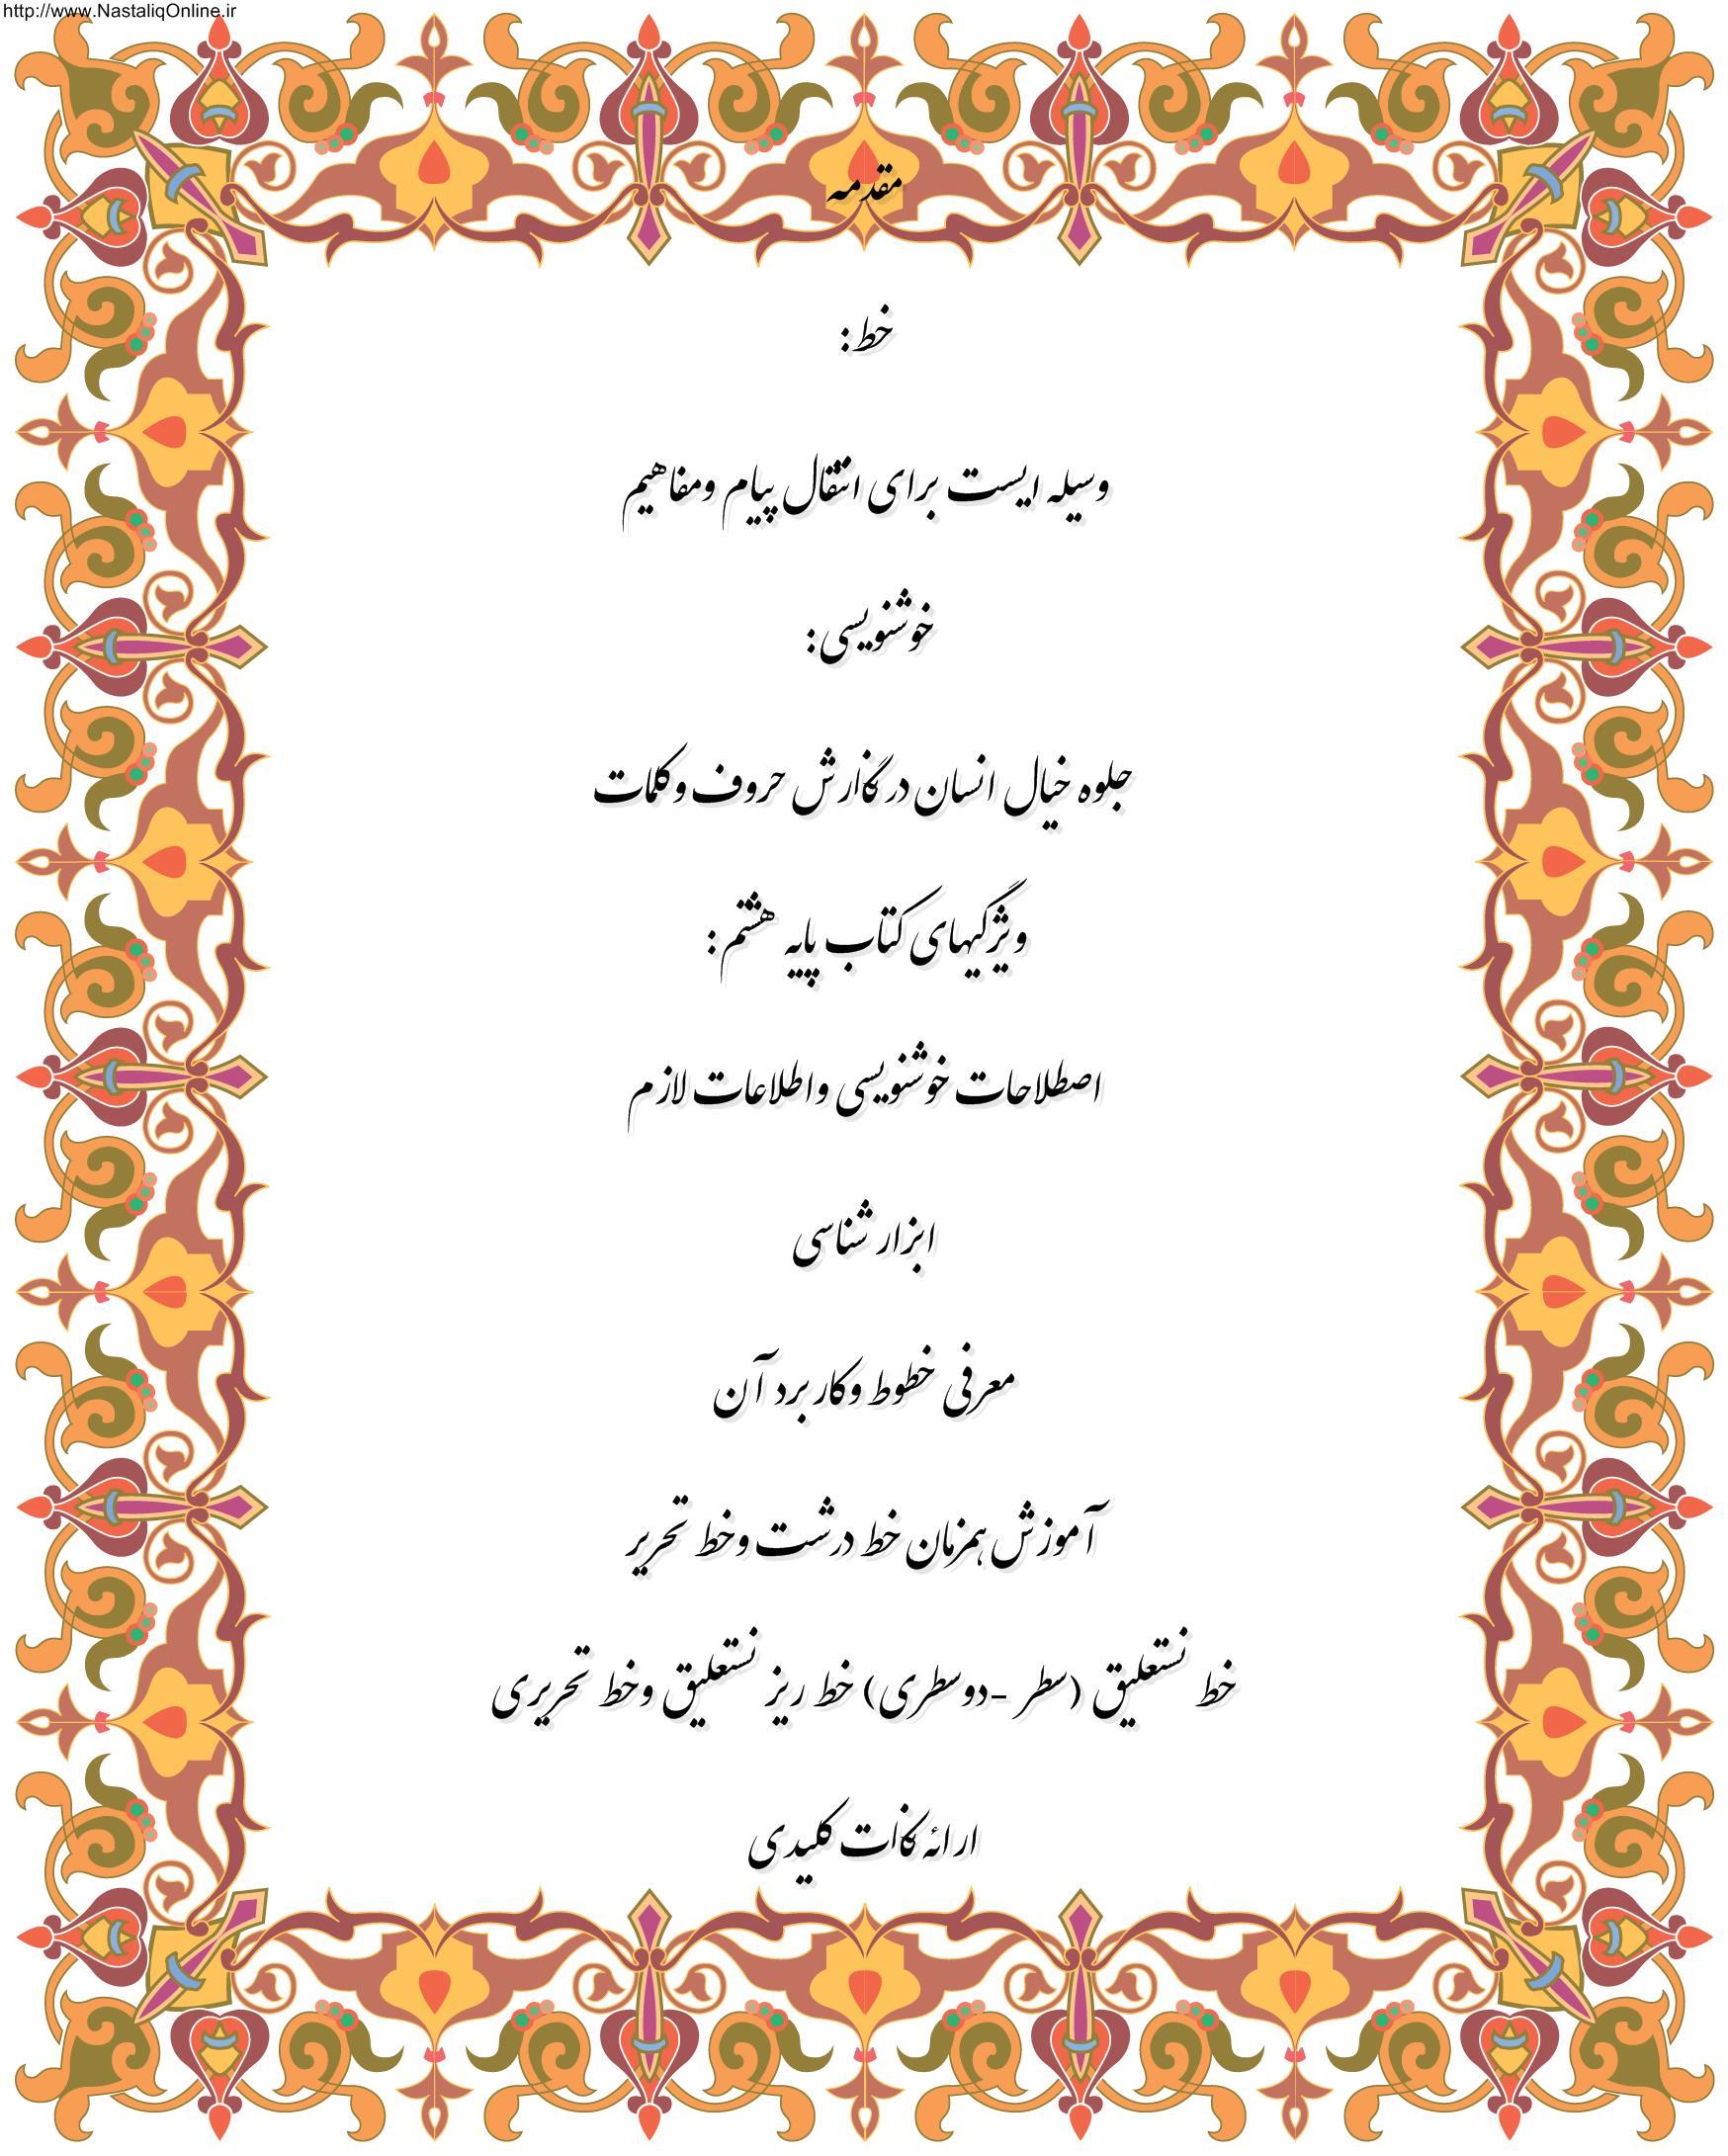 فرهنگ وهنراستان کرمان